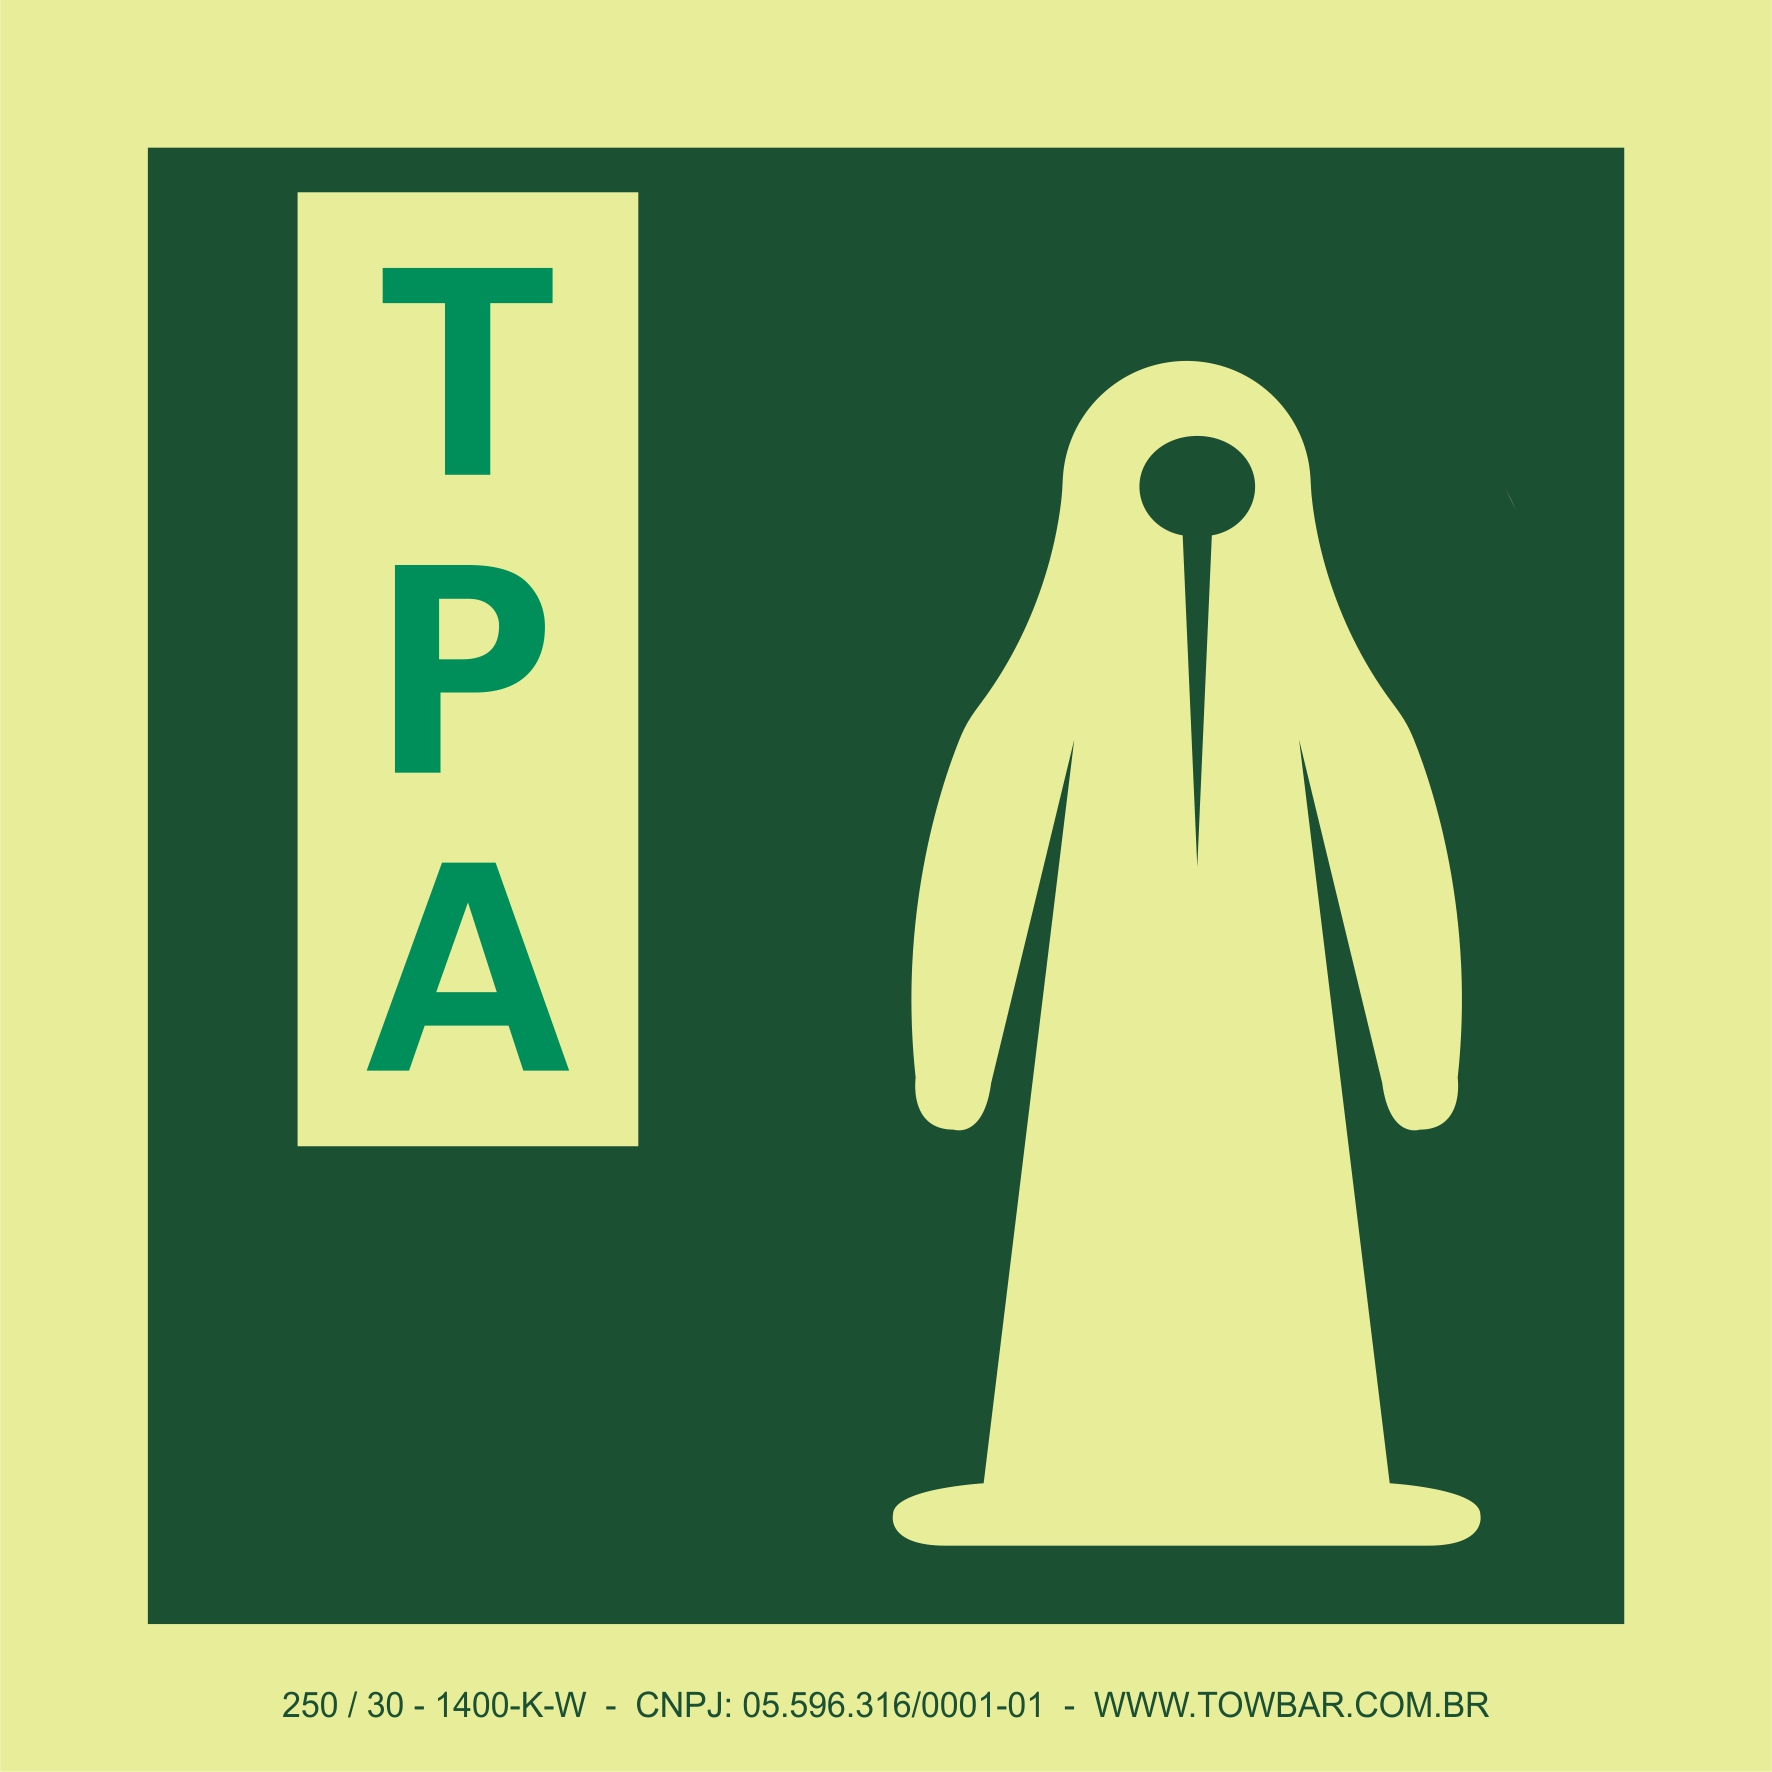 Auxiliar de proteção térmica (Thermal Protective Aid - TPA)  - Towbar Sinalização de Segurança